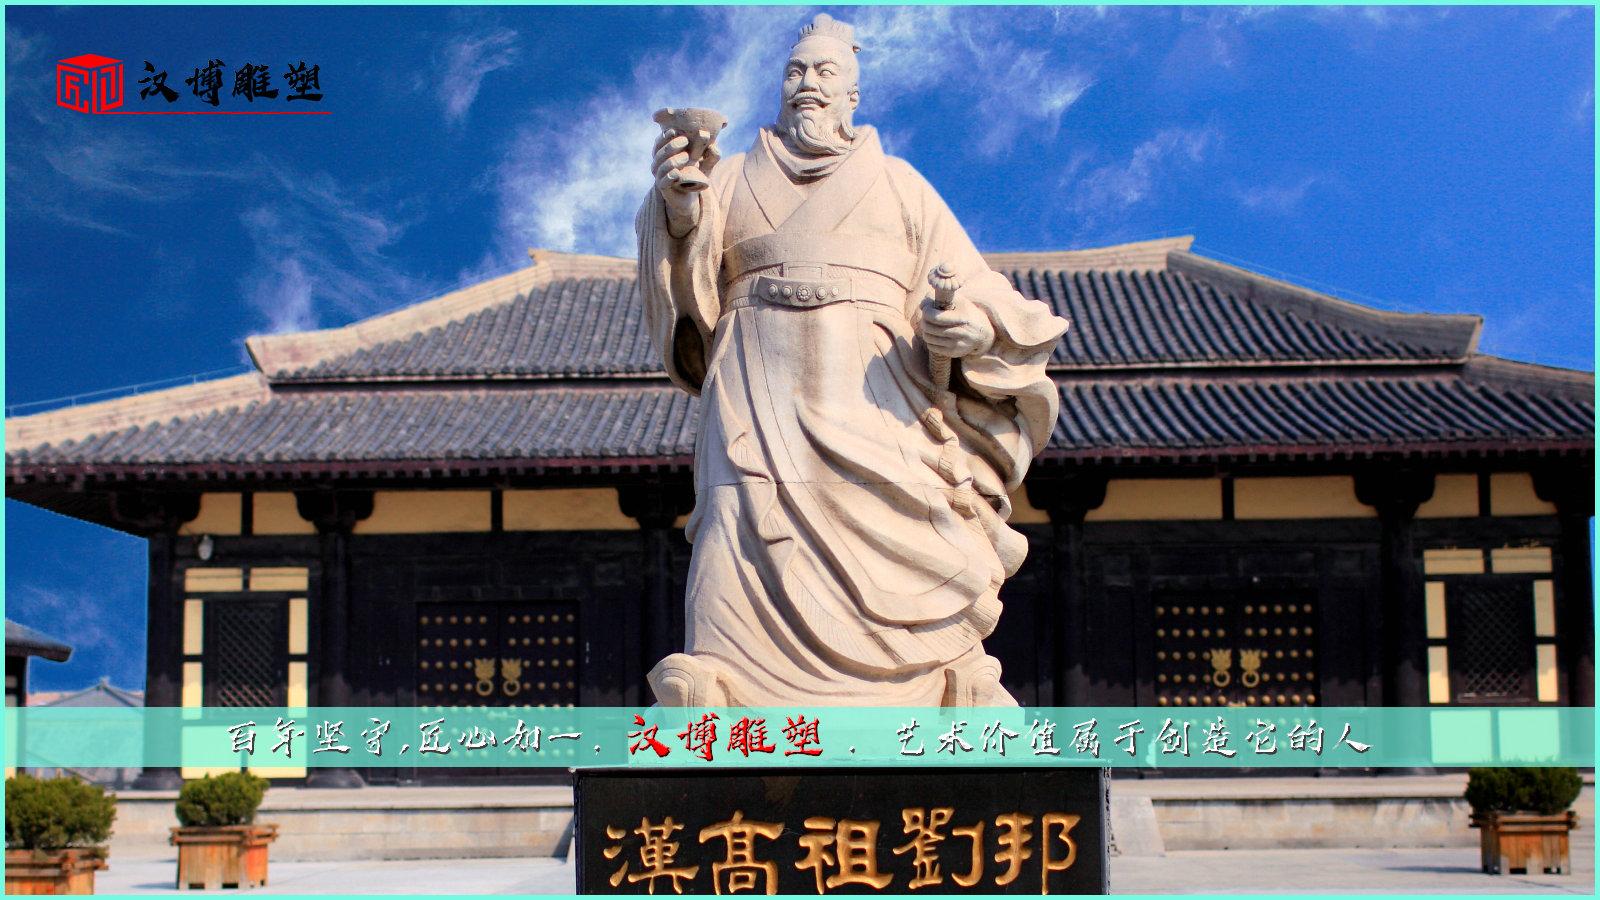 用雕塑文化传承良好品质;一起走进历史